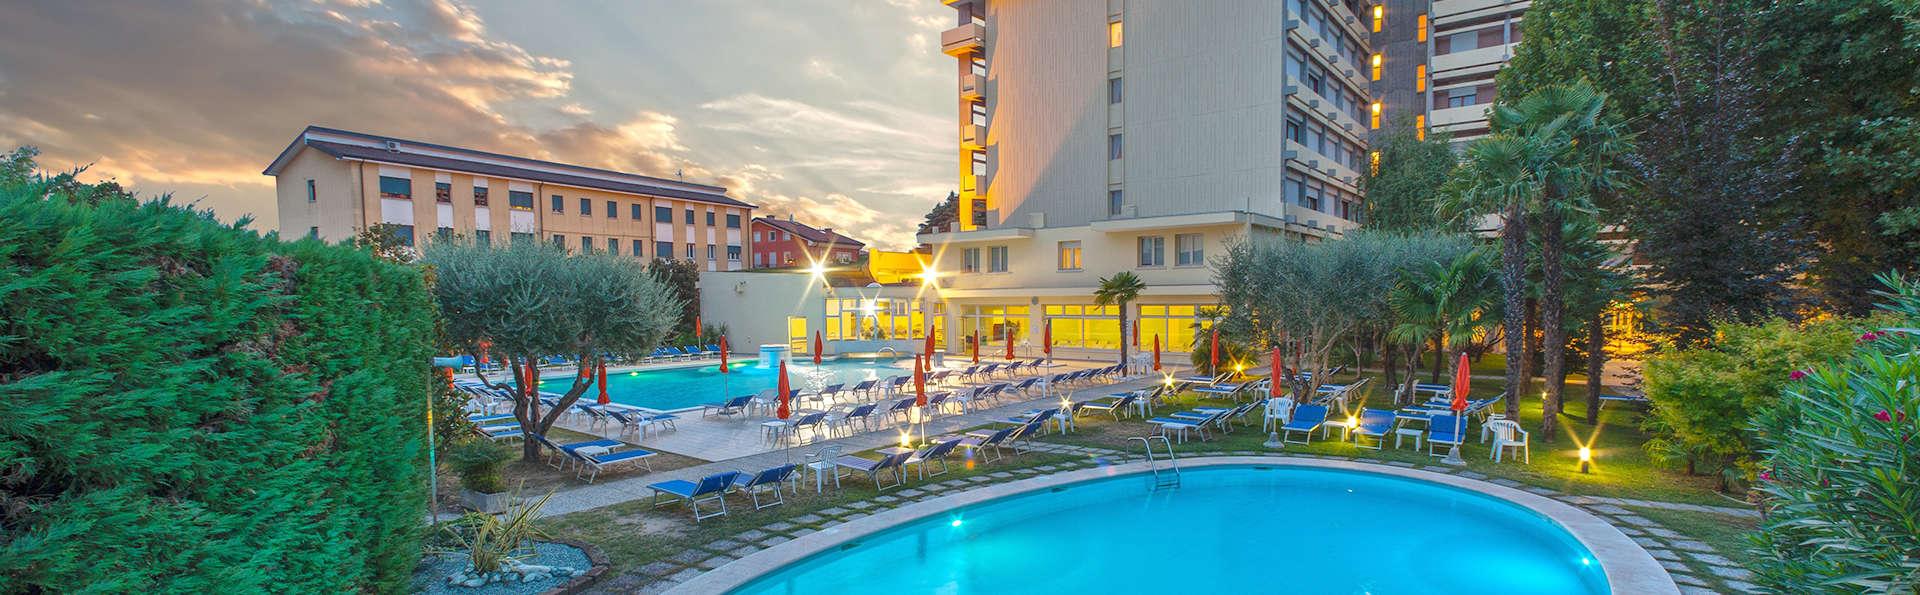 Hotel Savoia Thermae & Spa - Edit_Pool.jpg